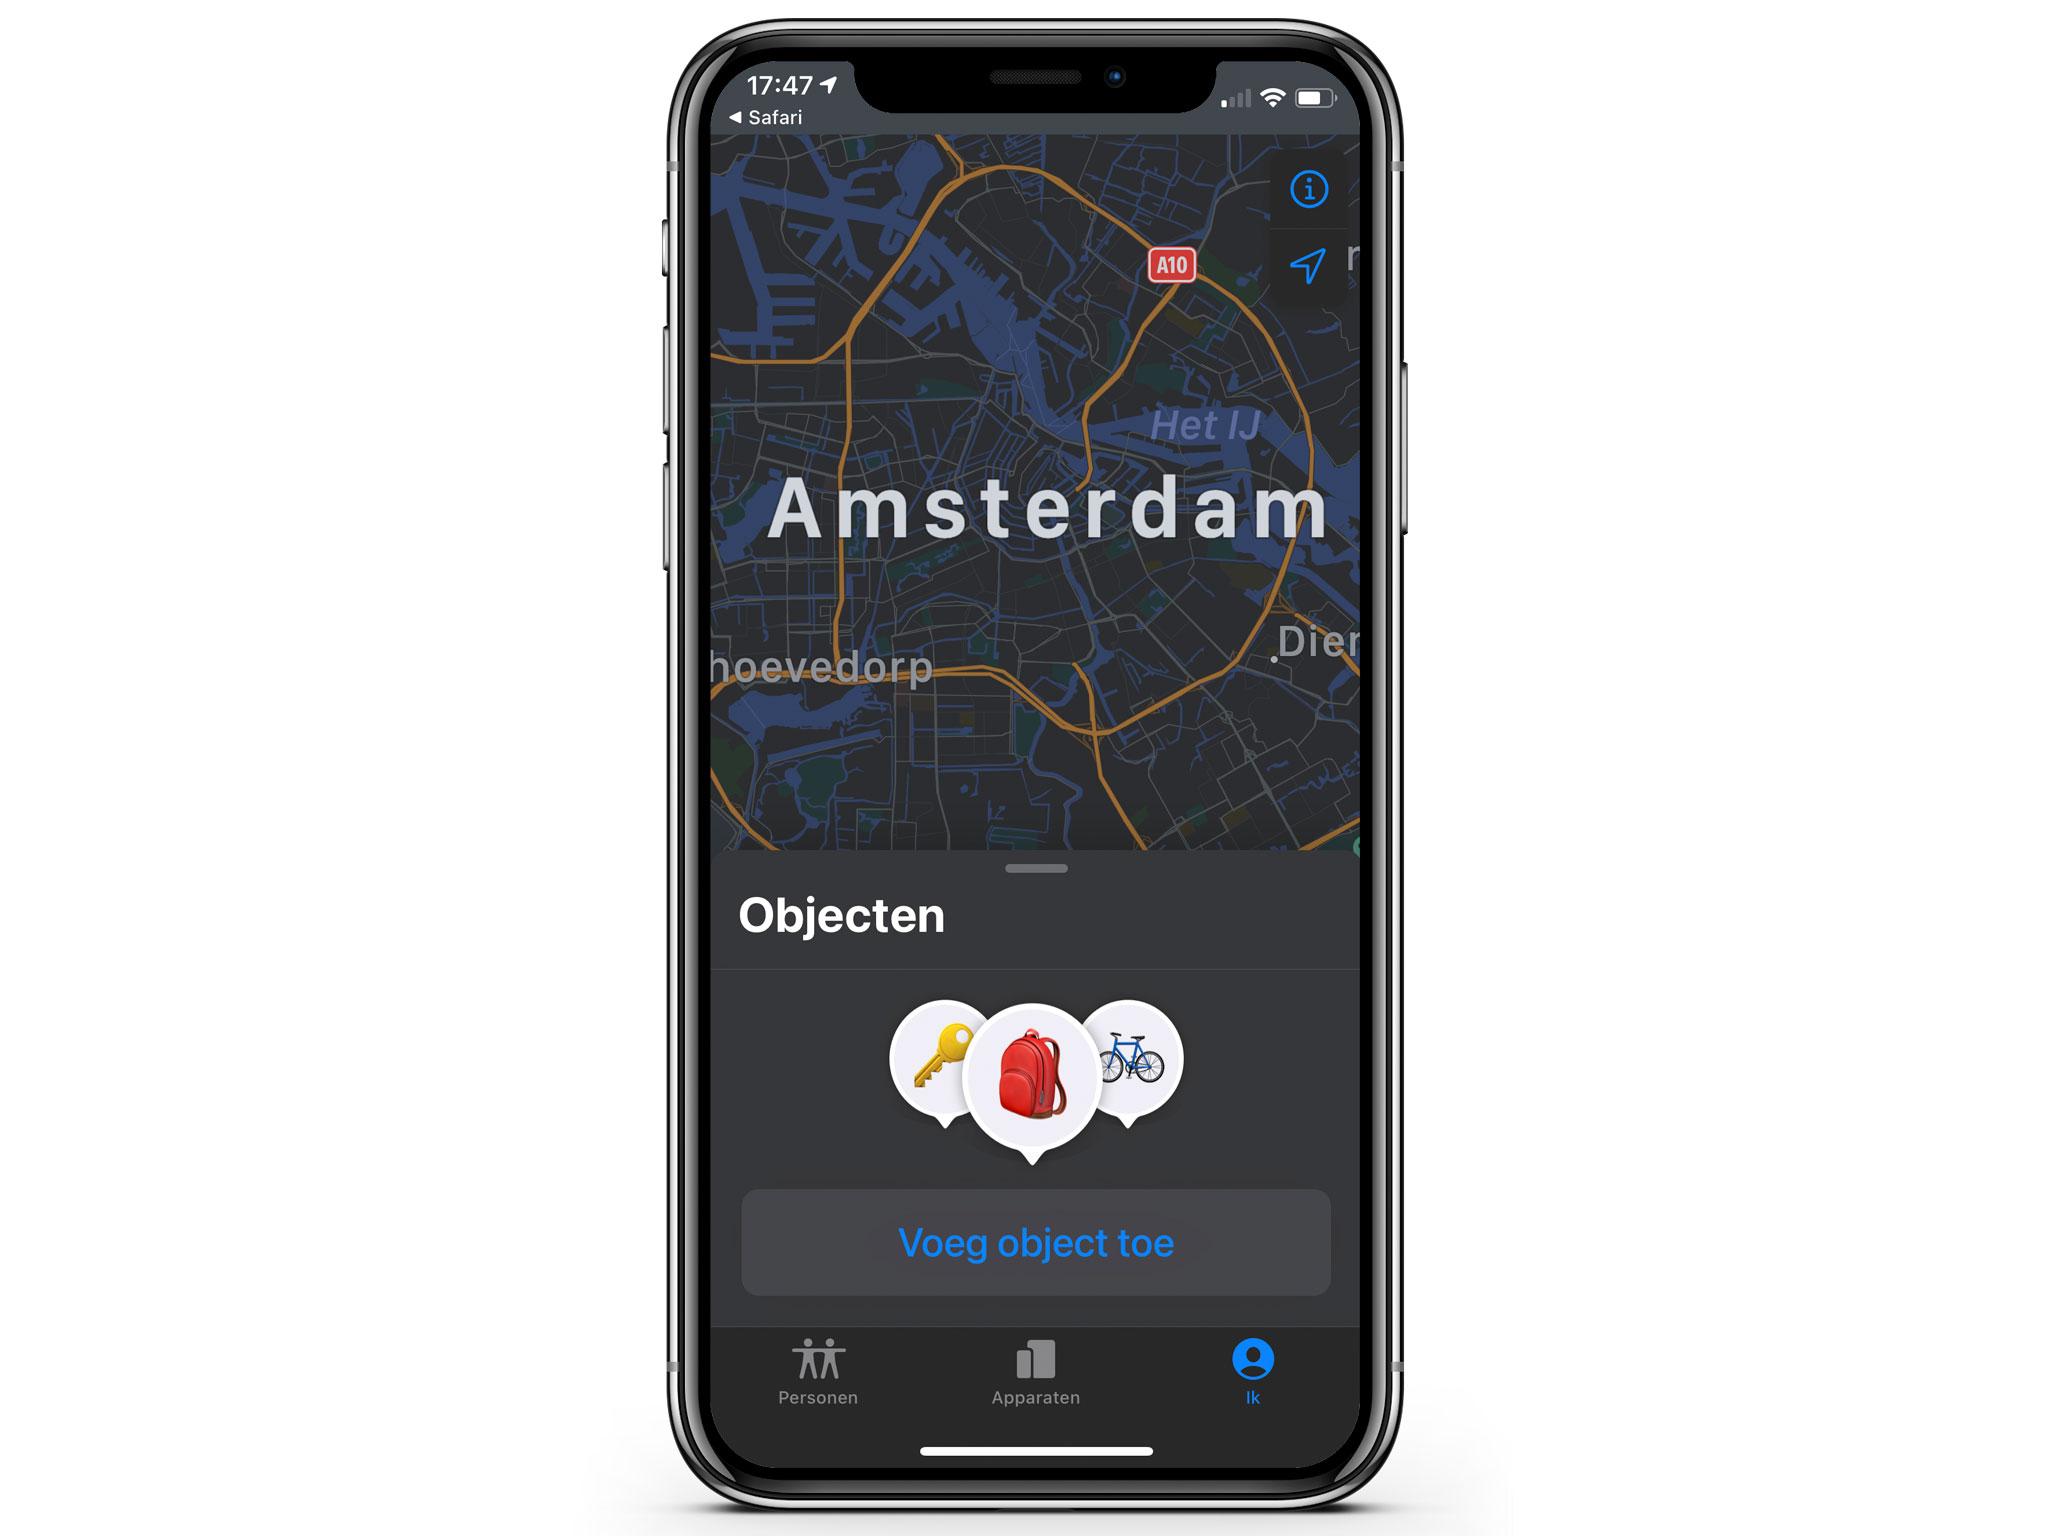 https://www.macfreak.nl/modules/news/images/zArt.ItemsObjectenAirTagsAppleMaps.jpg